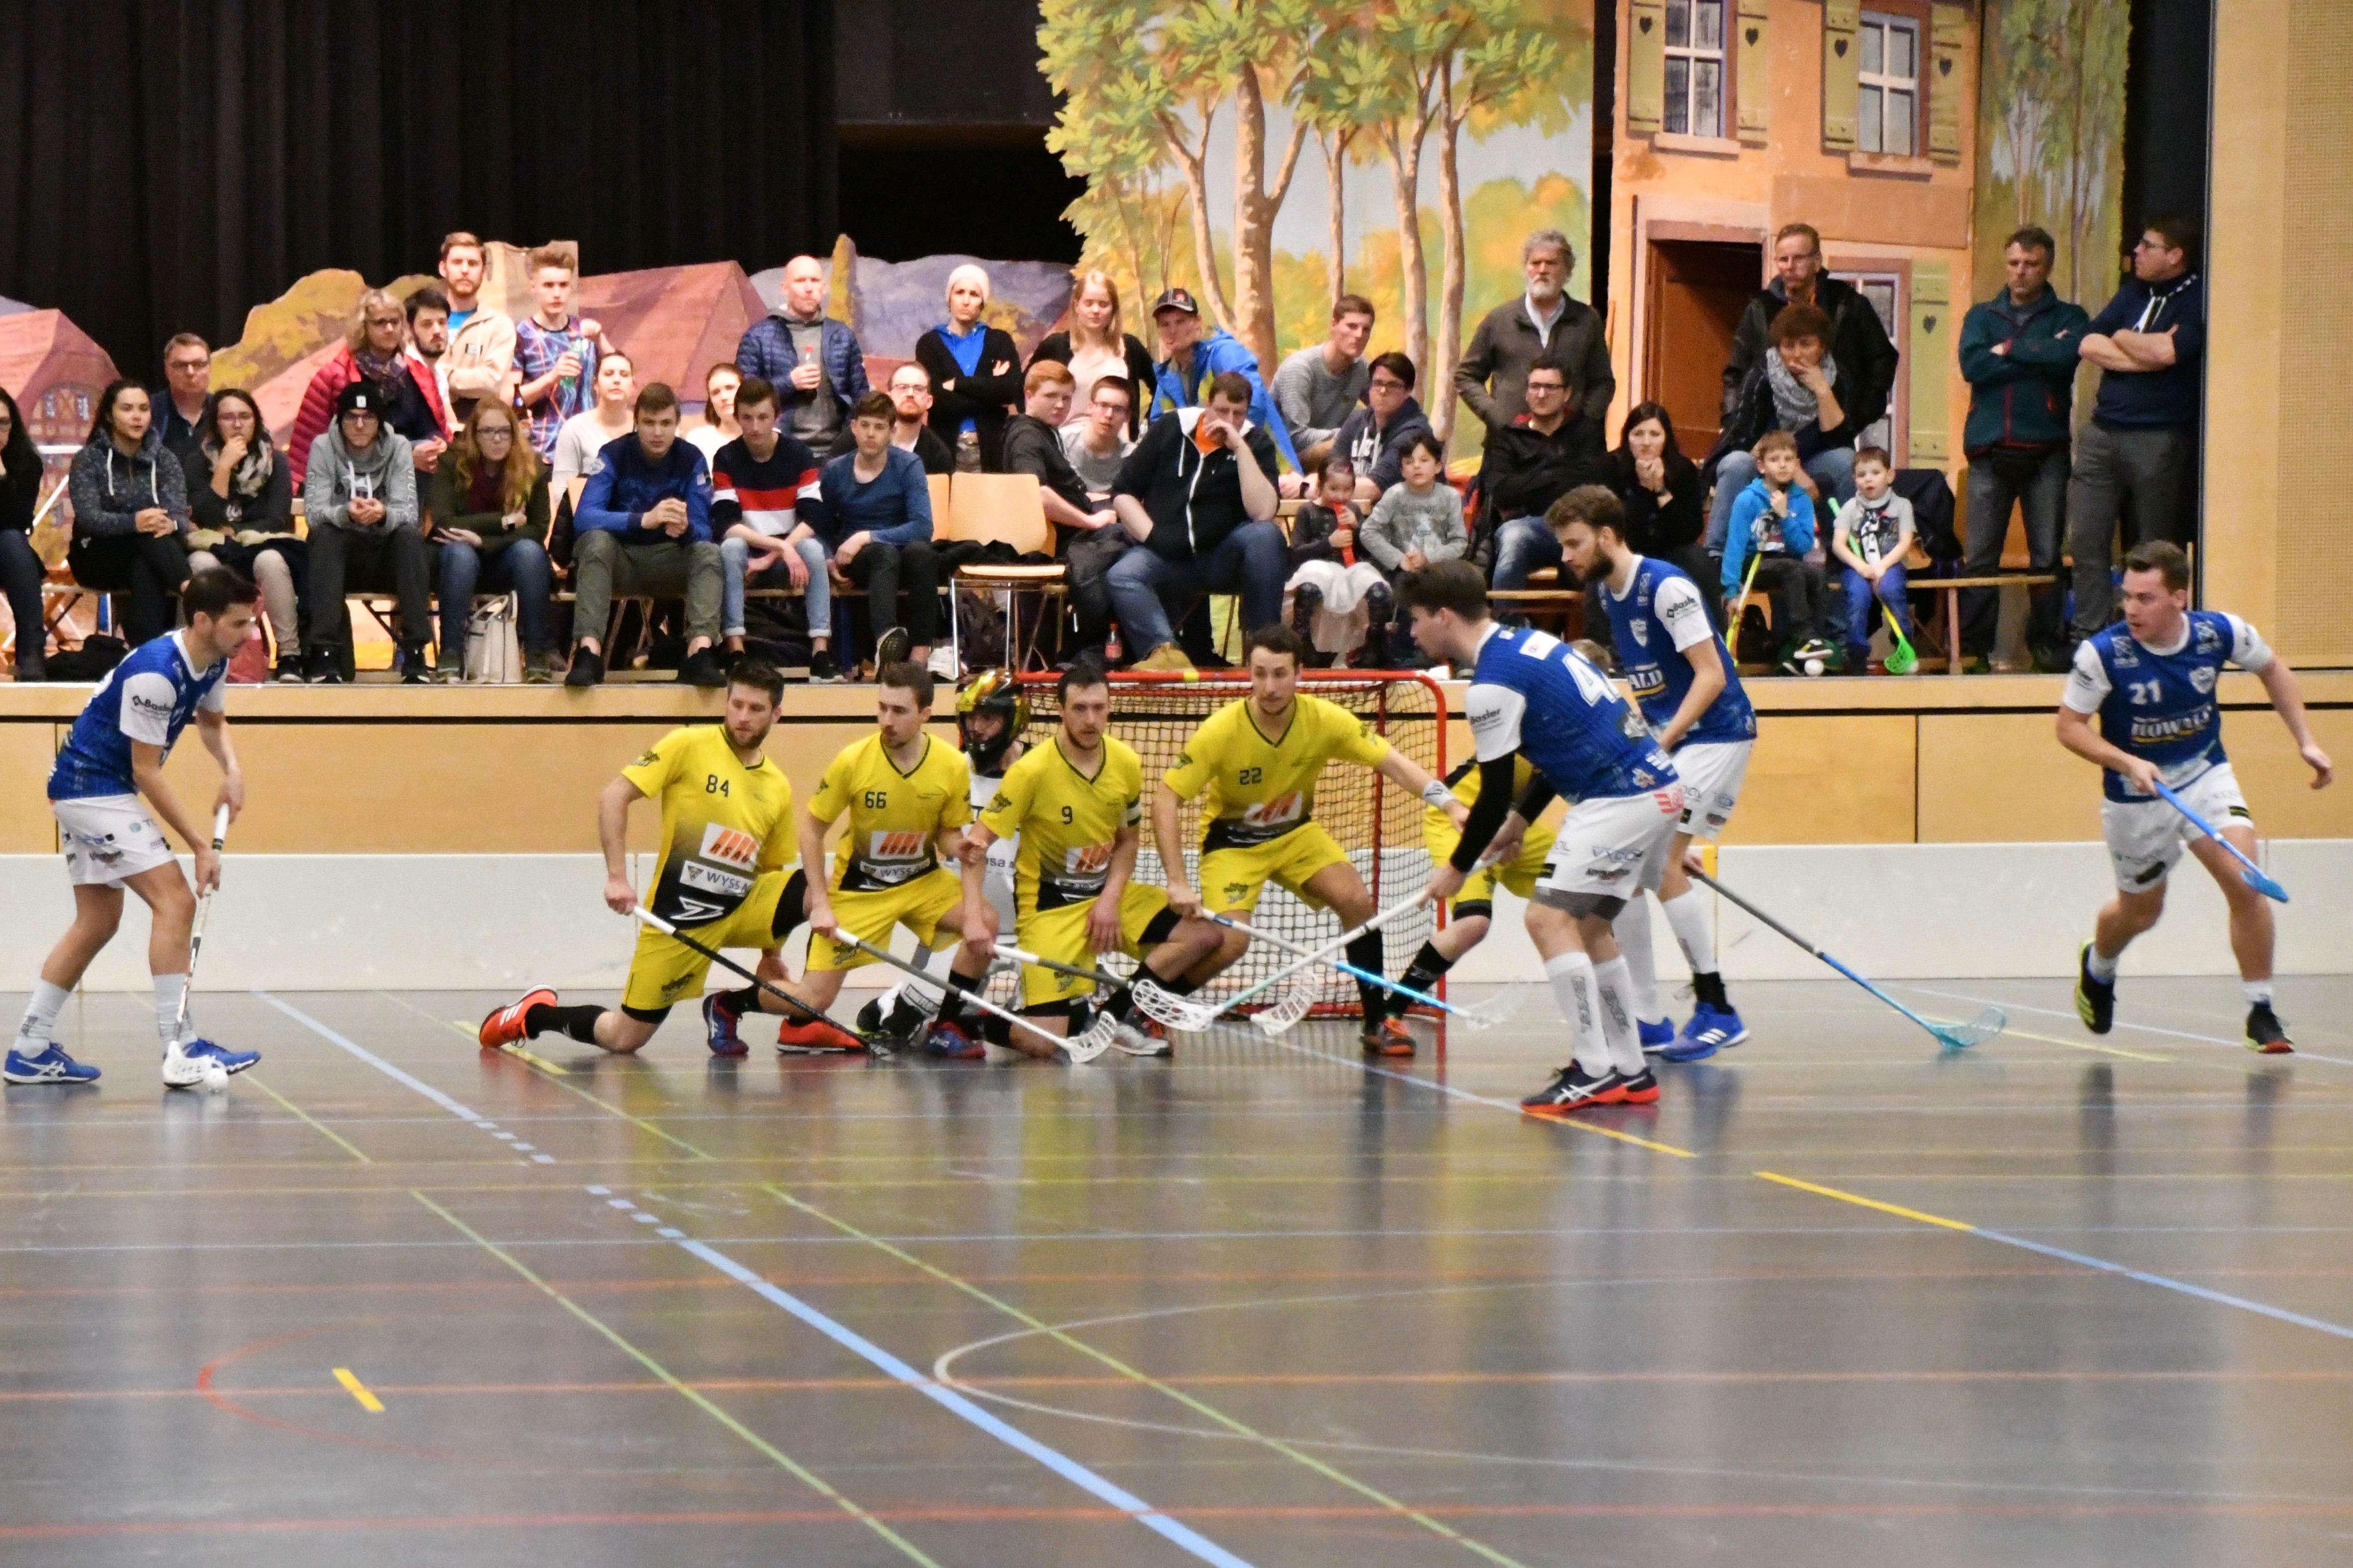 Herren l - TSV Unihockey Deitingen, Saison 2018/19, Playoff 1/2-Final, Spiel 2